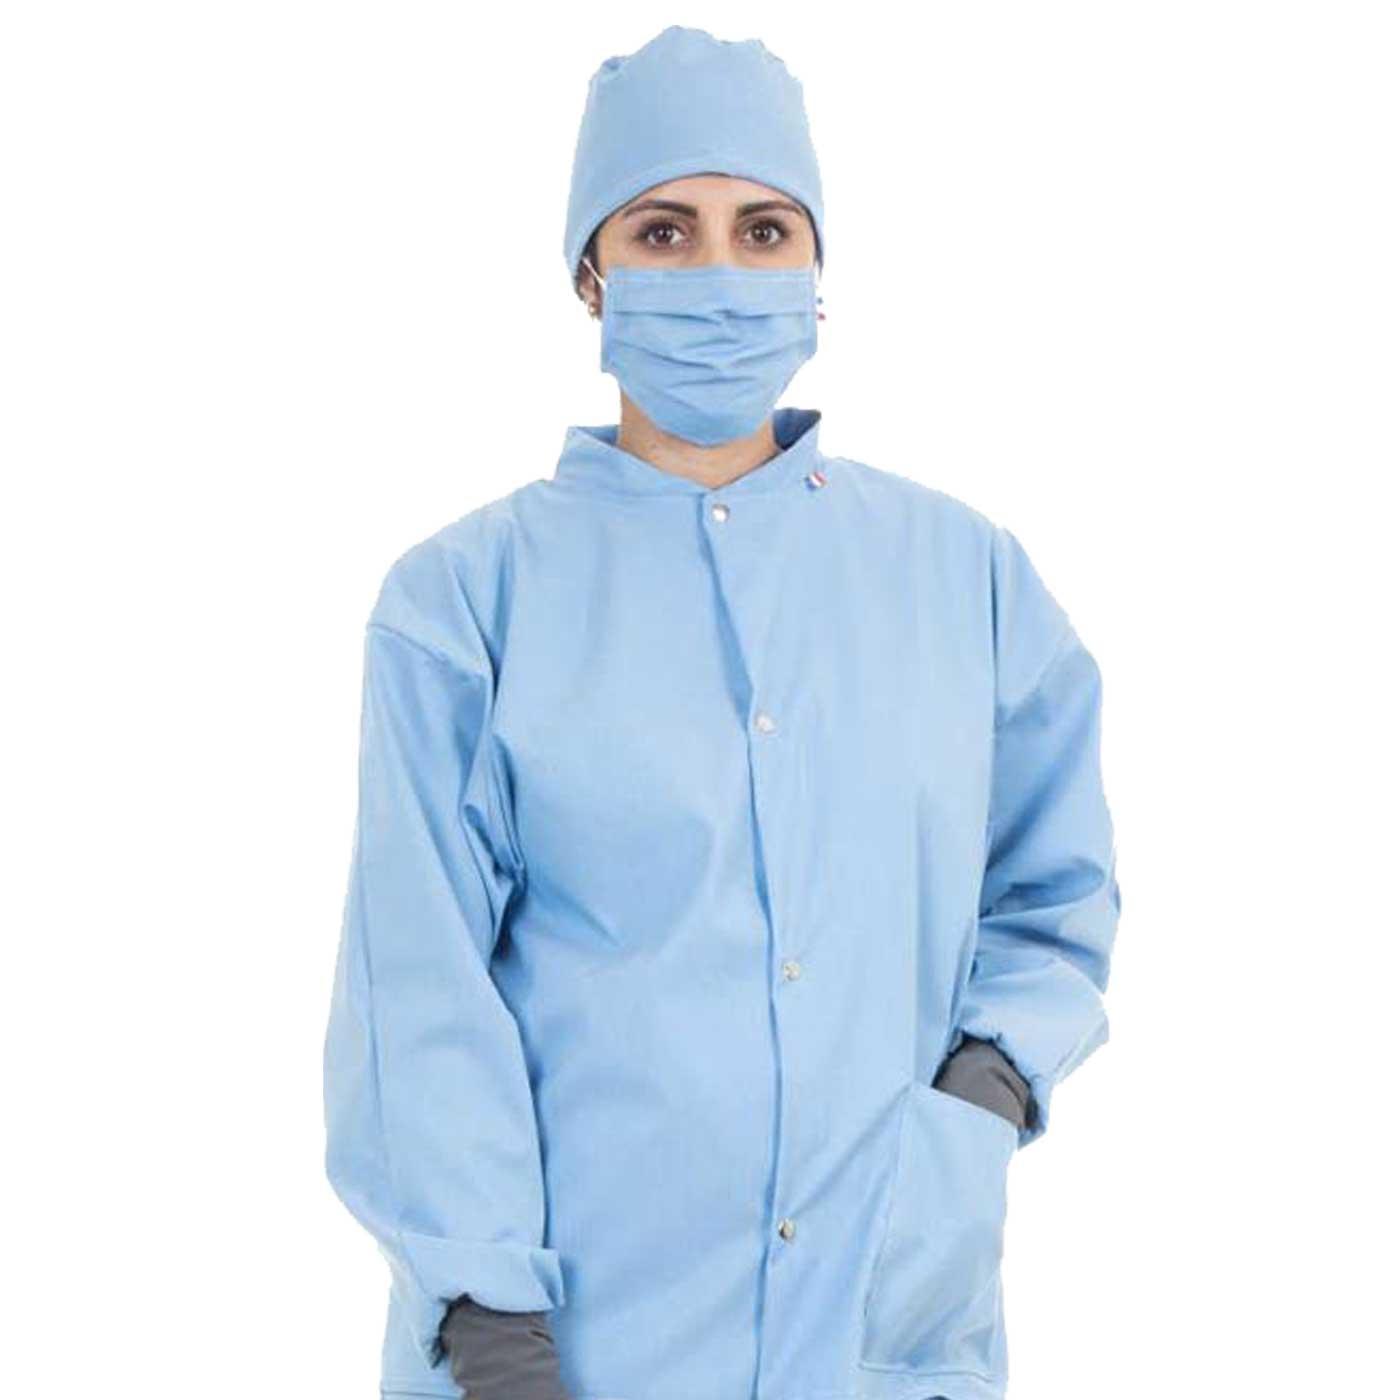 blouson-de-protection-medicale